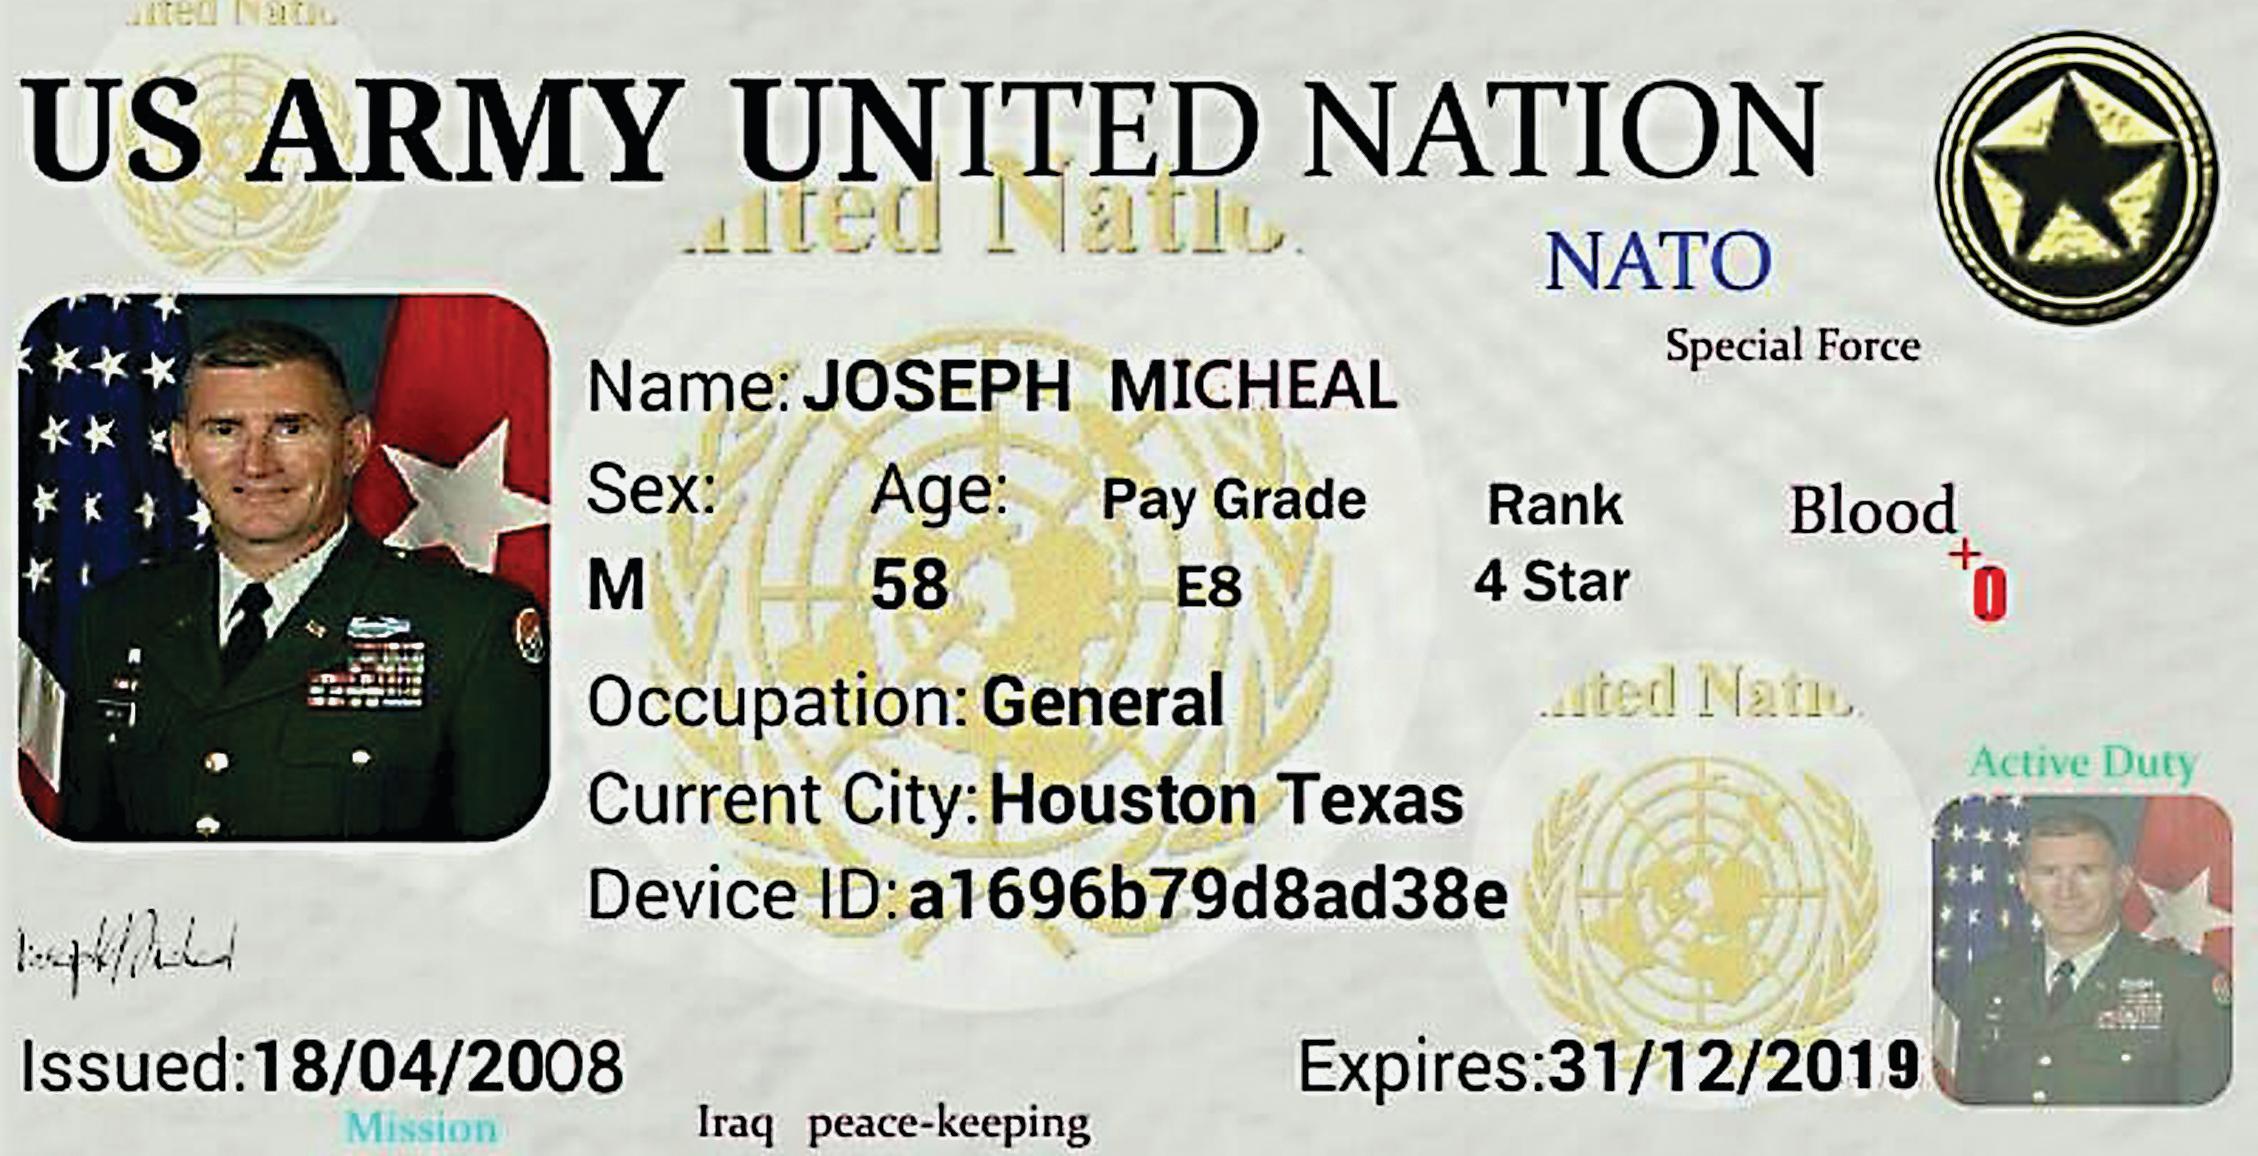 """הזיוף - תעודה מזויפת של קצין בנאט""""ו. התצלום הוא של הגנרל האמריקאי  ג'ון וולש ממונטנה, אבל התעודה  על שם ג'וזף מייקל מטקסס"""